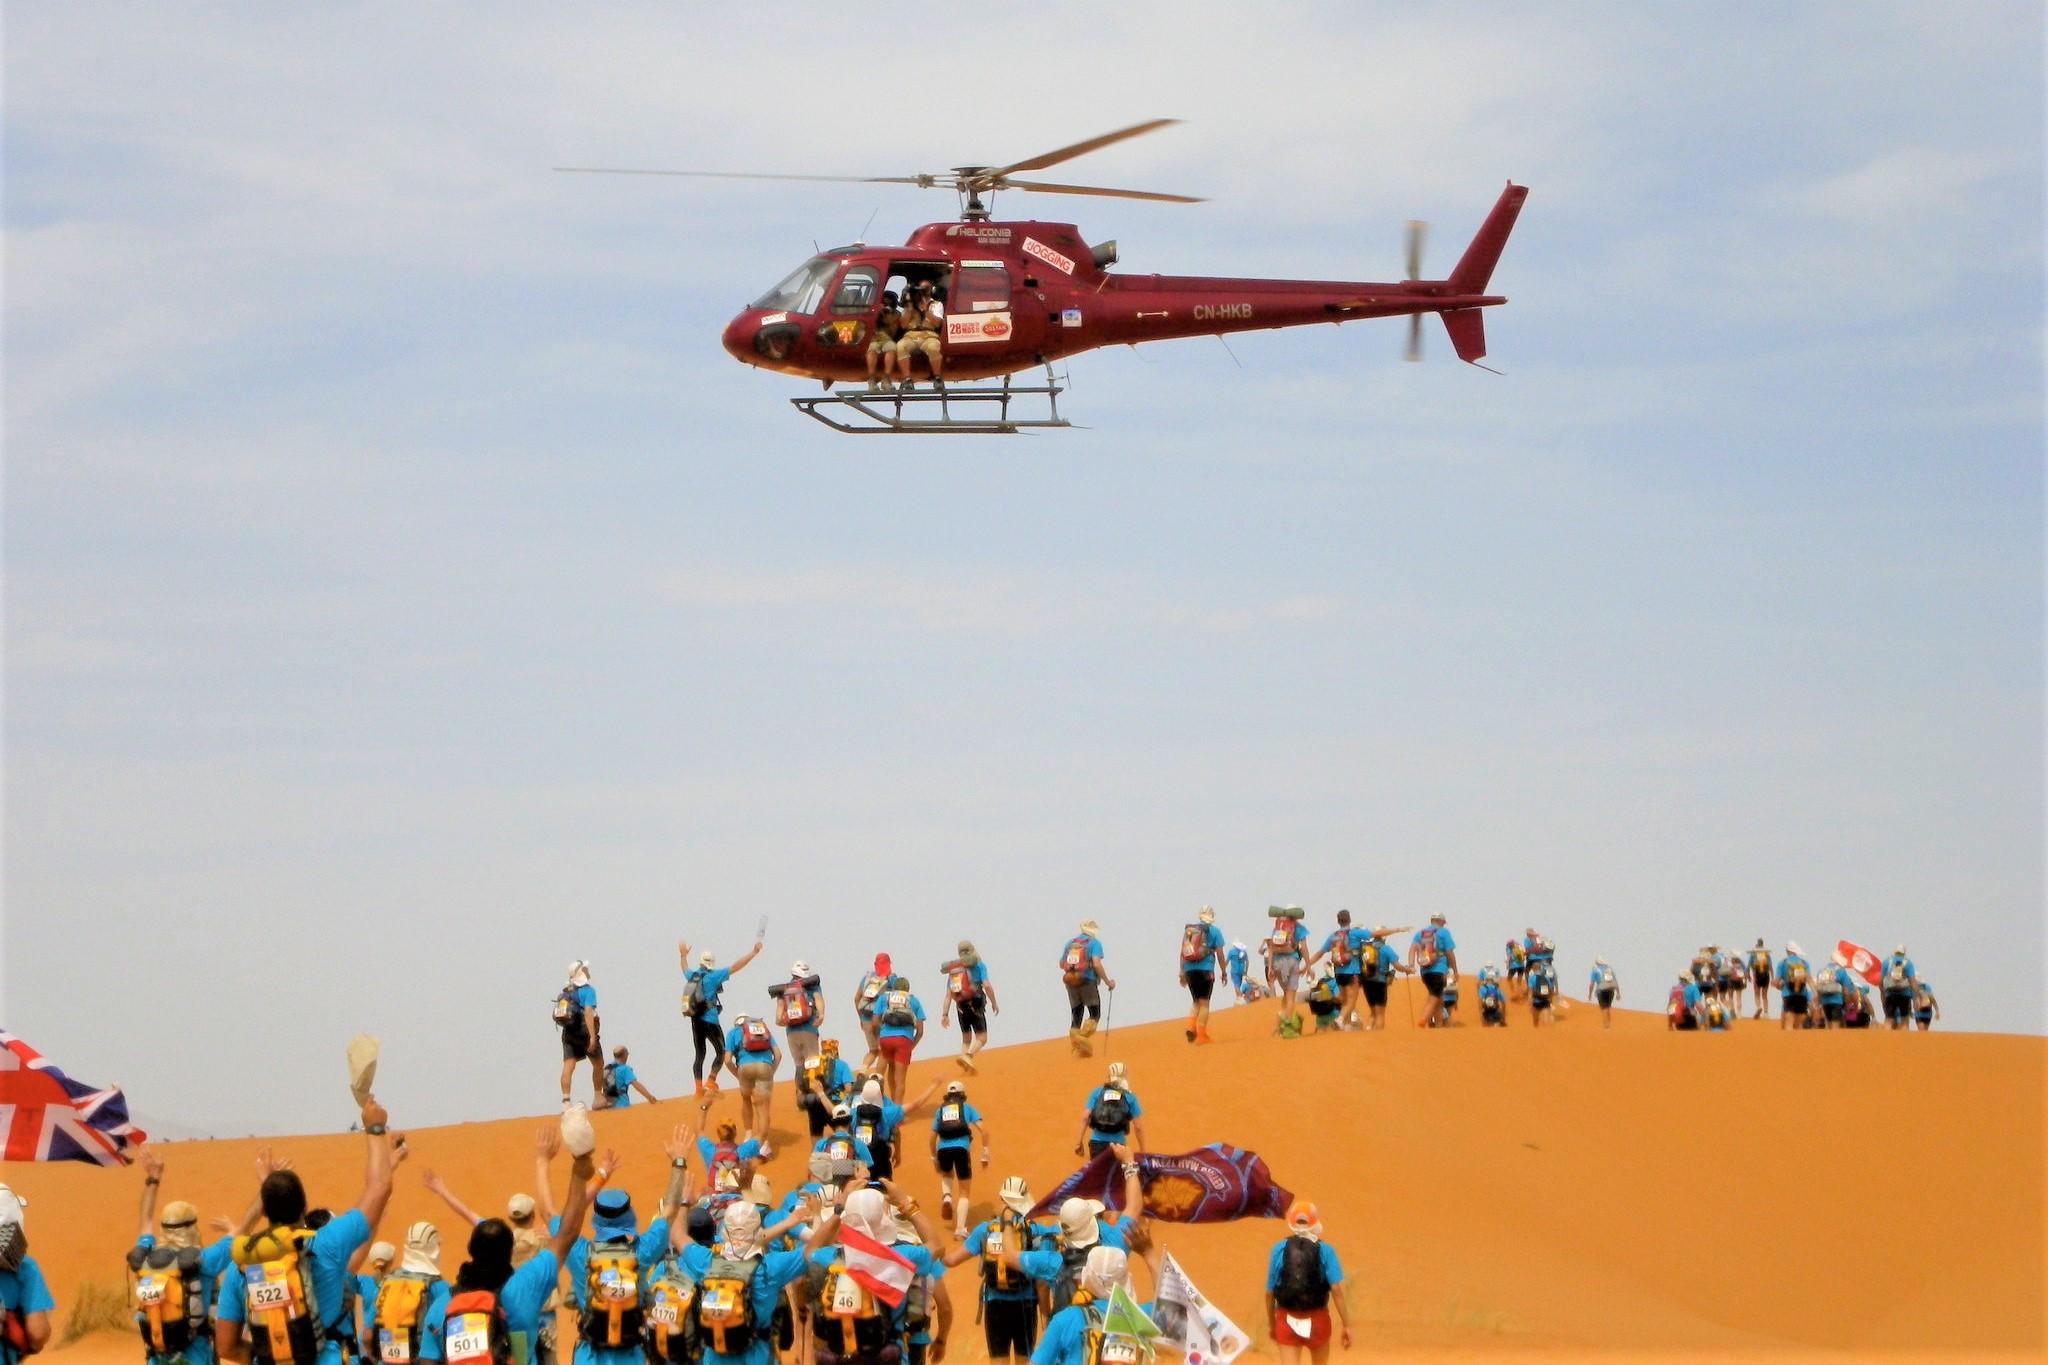 2021 Marathon des Sables: Death, Record DNFs Plague 'Toughest Footrace on Earth'